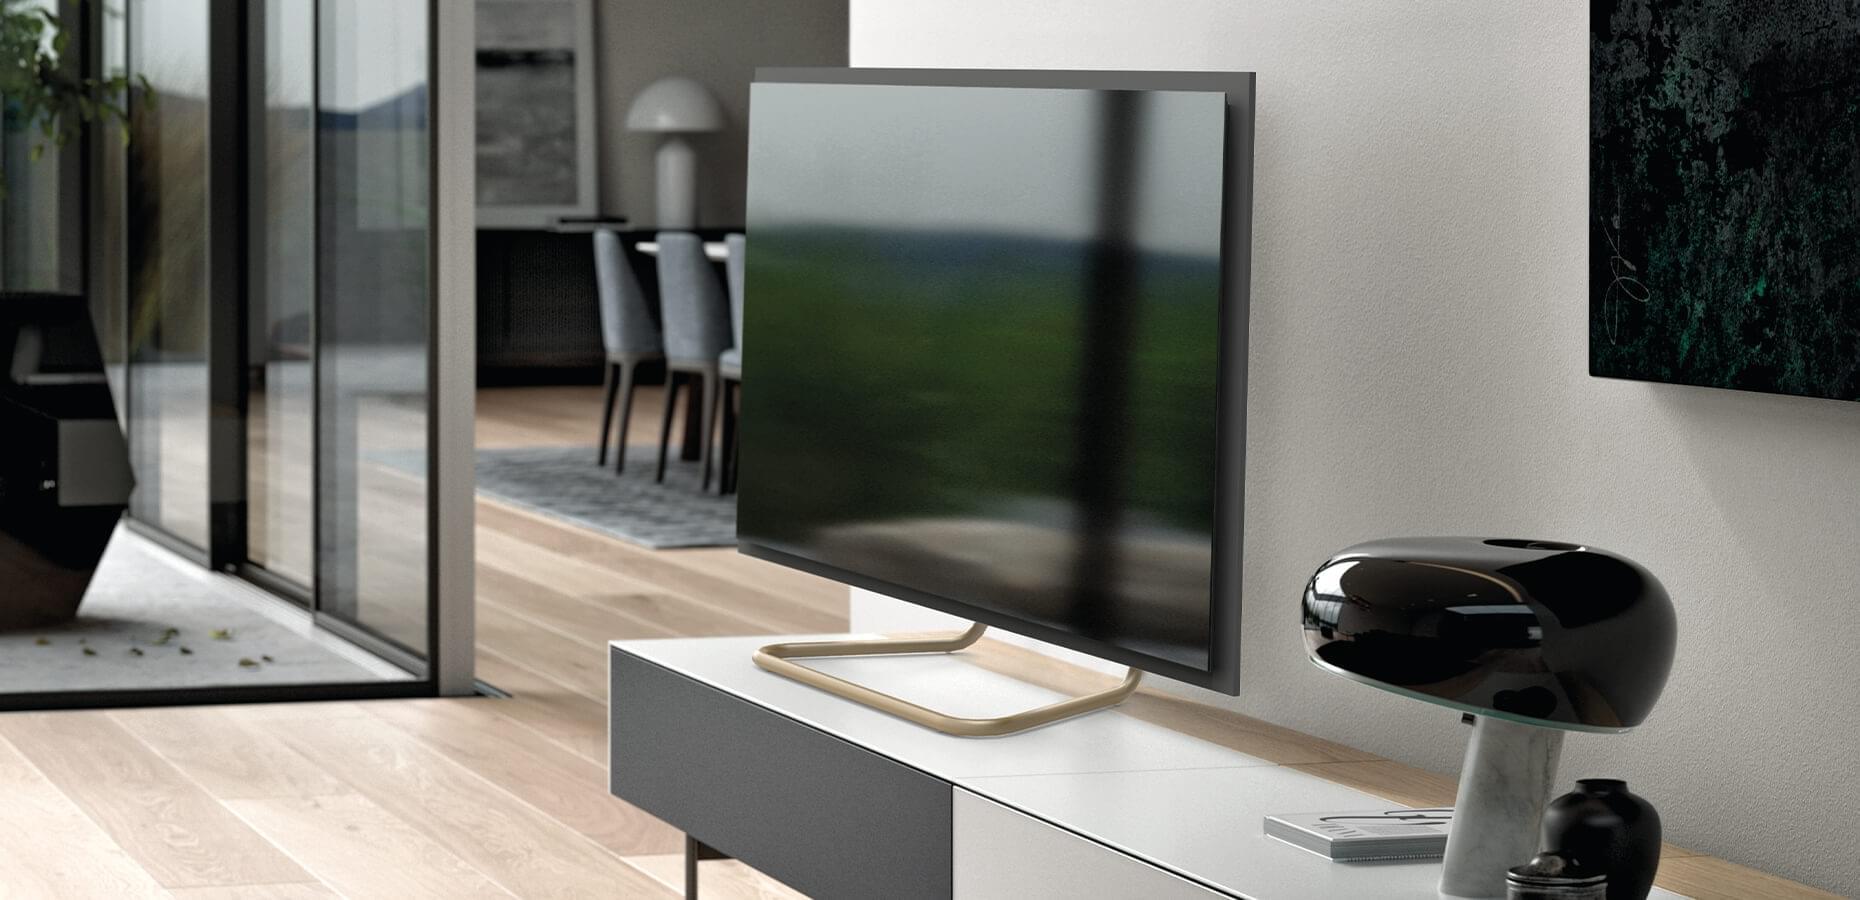 Spectral Tube GX21-55 TV-Ständer für LG GX Gallery Design TV